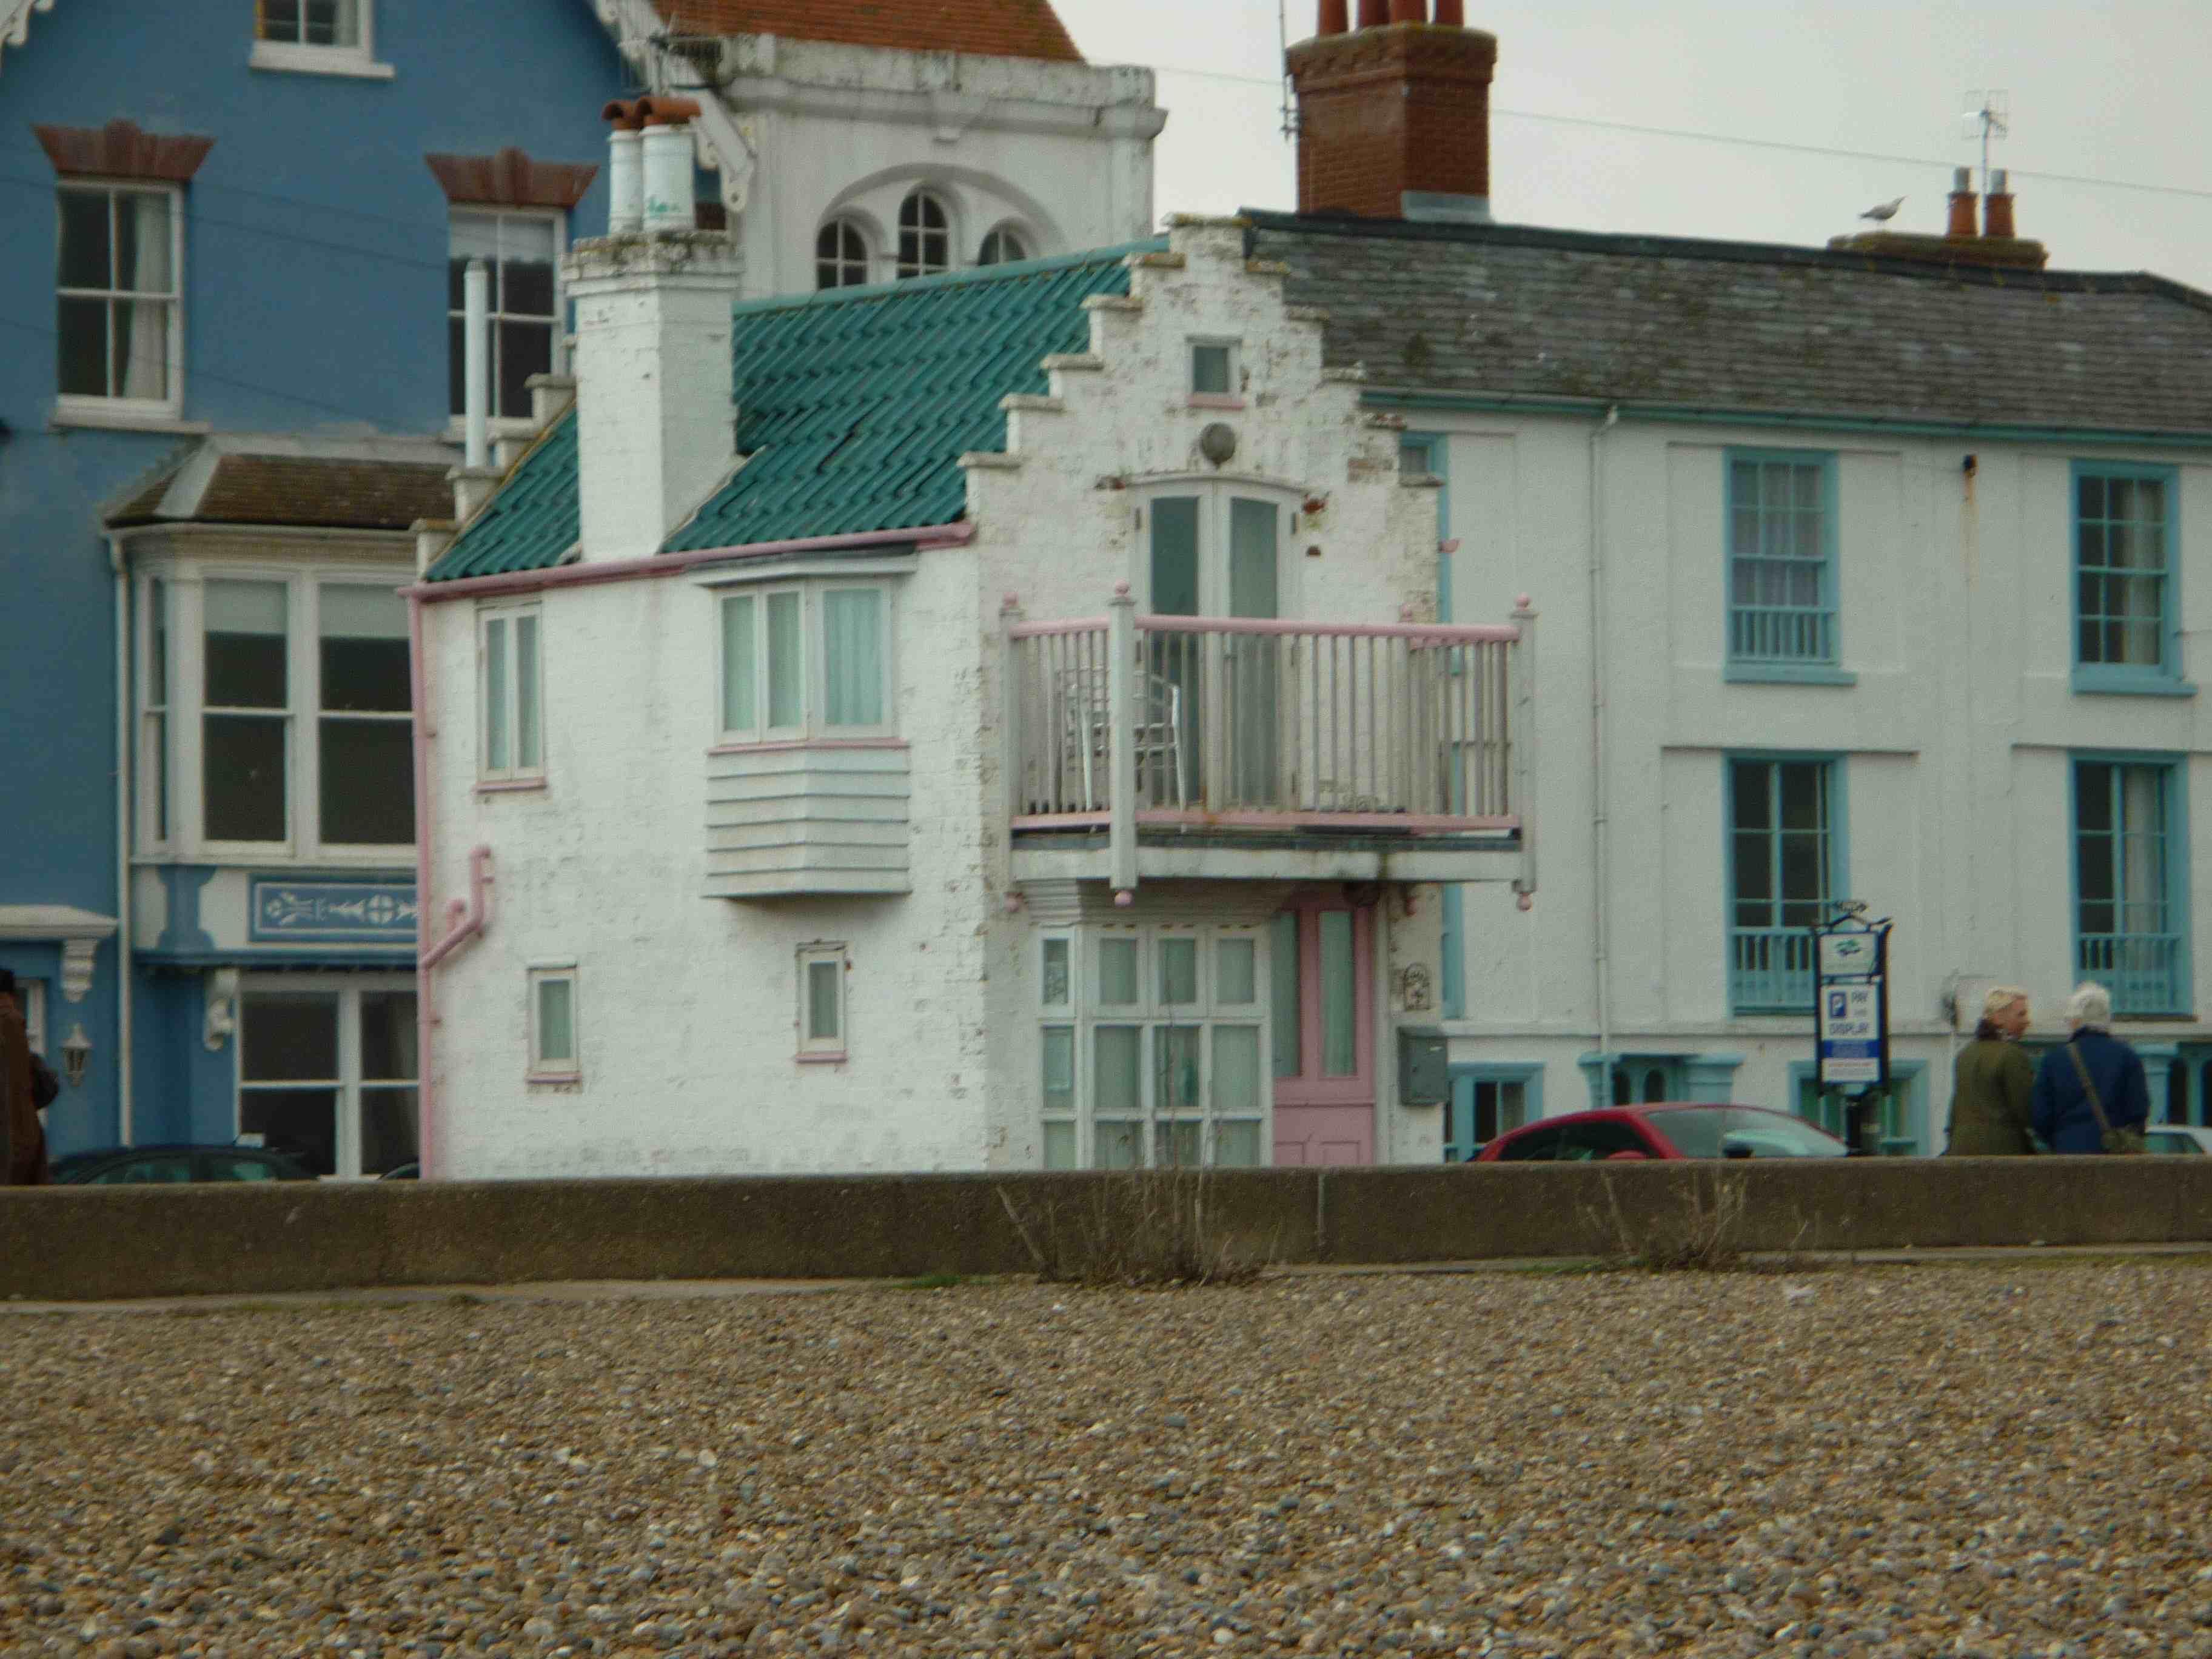 Fantasia Aldeburgh